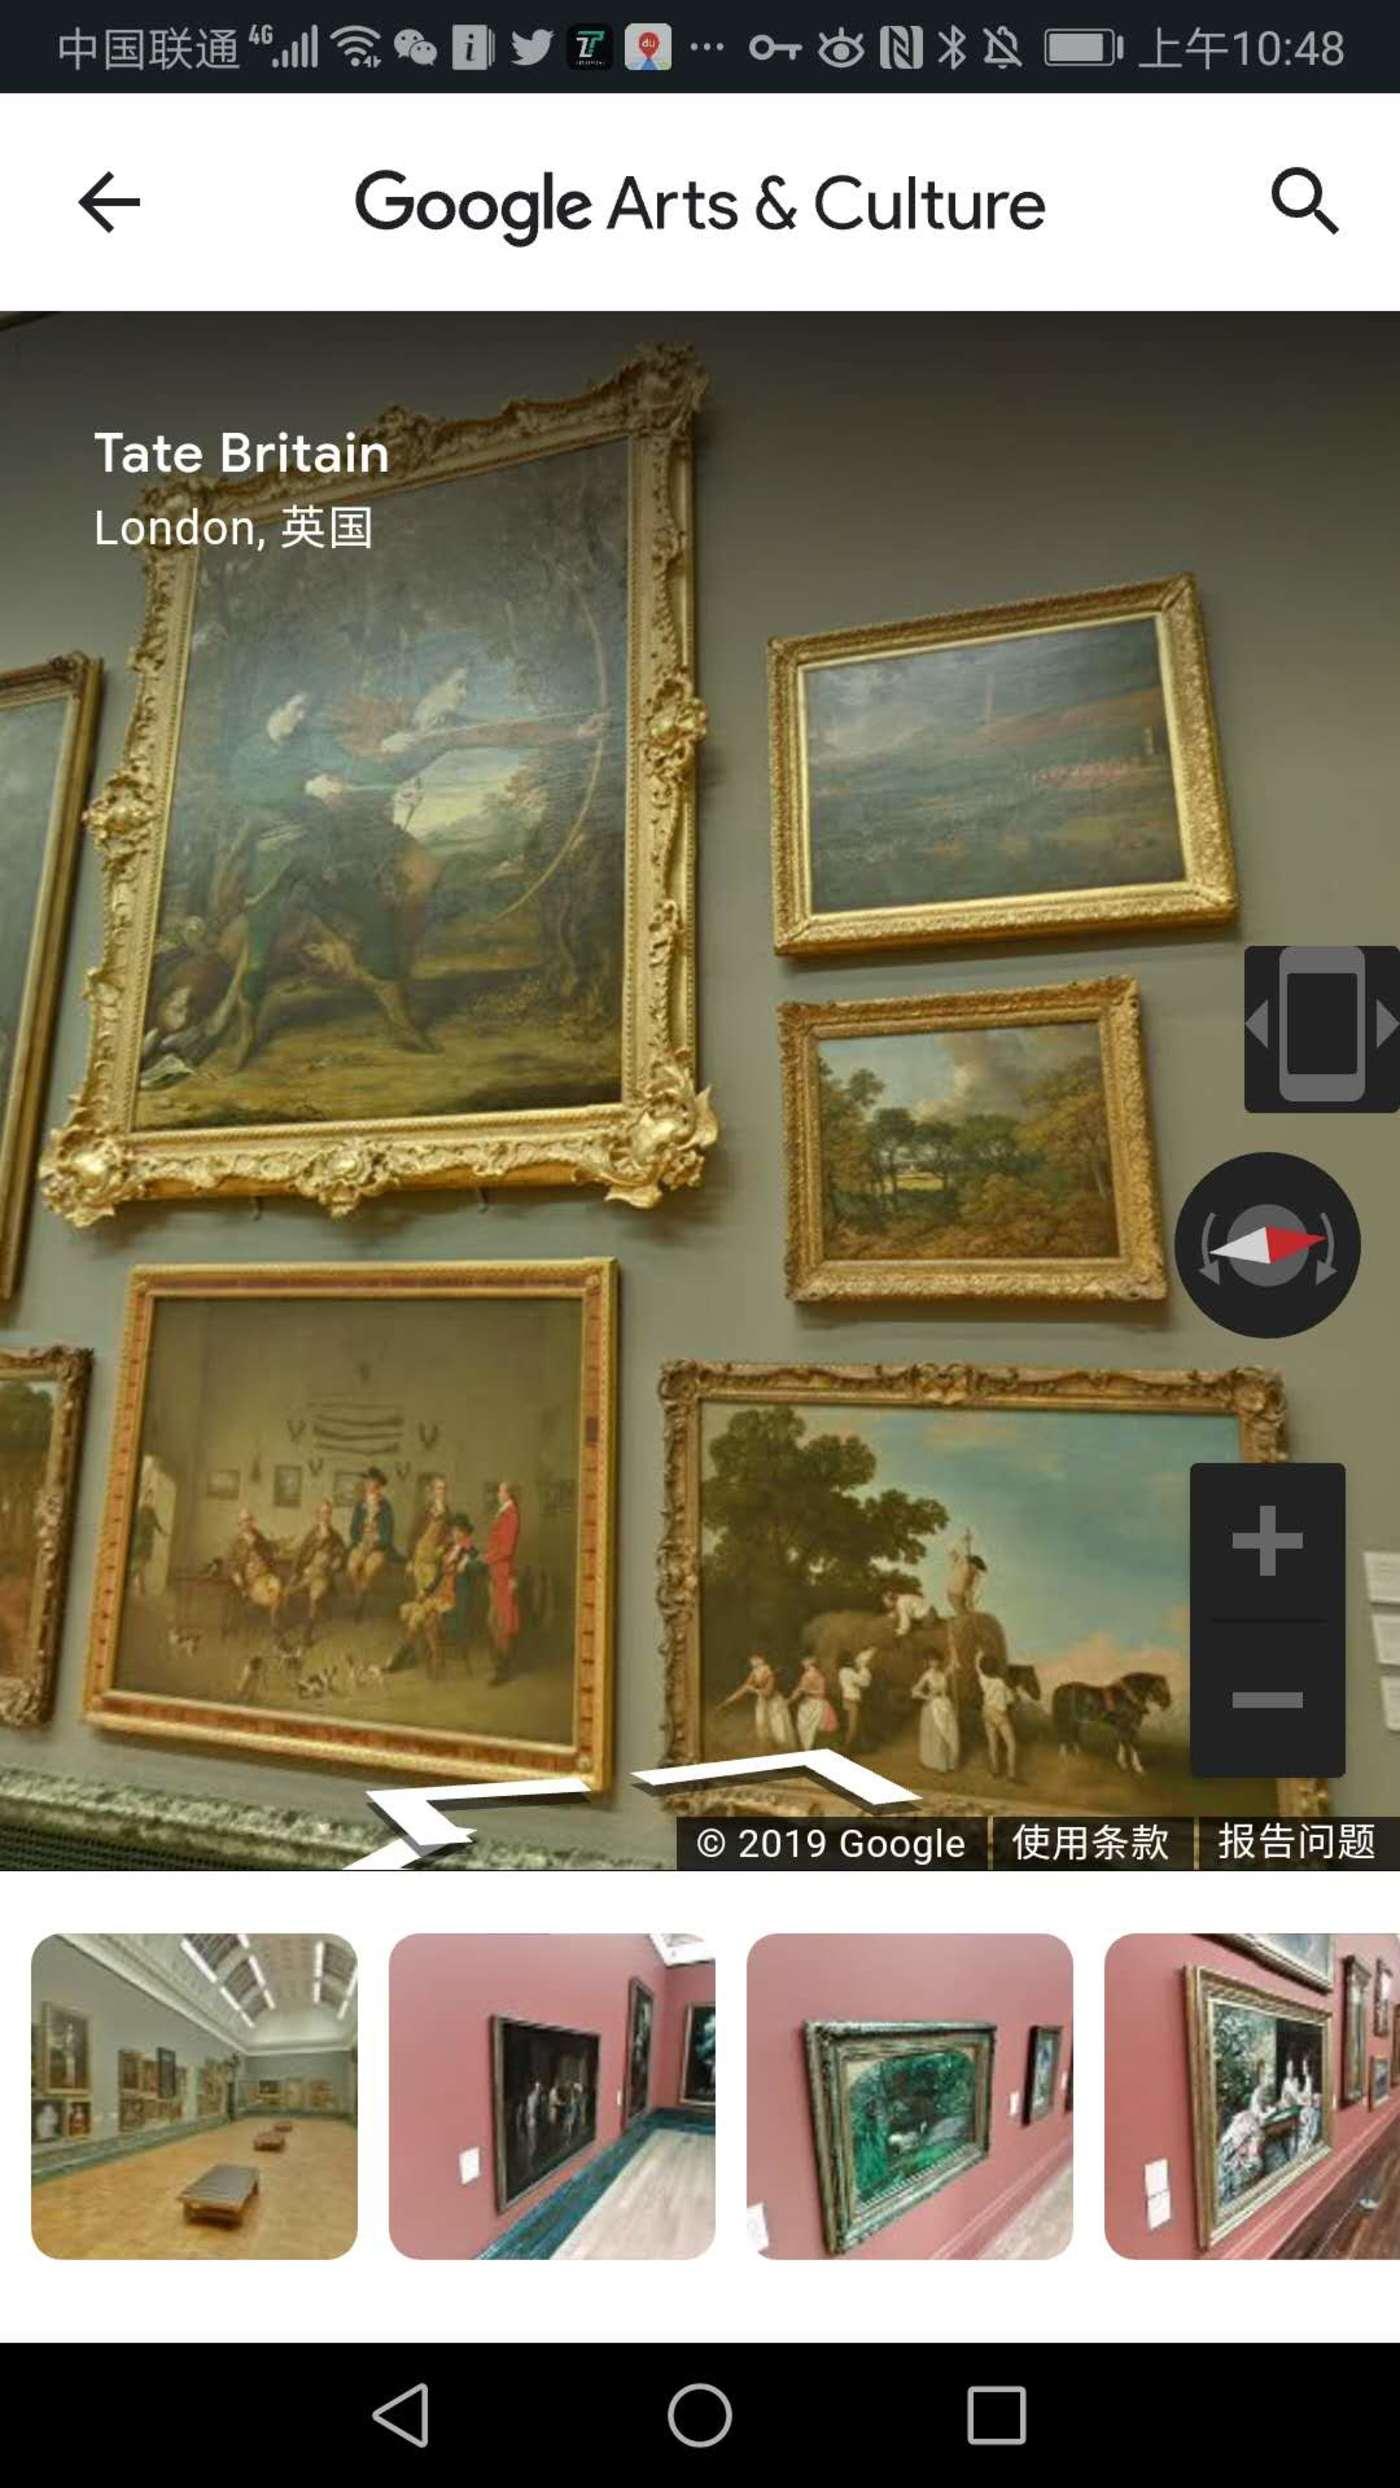 属于谷歌版权的博物馆内景